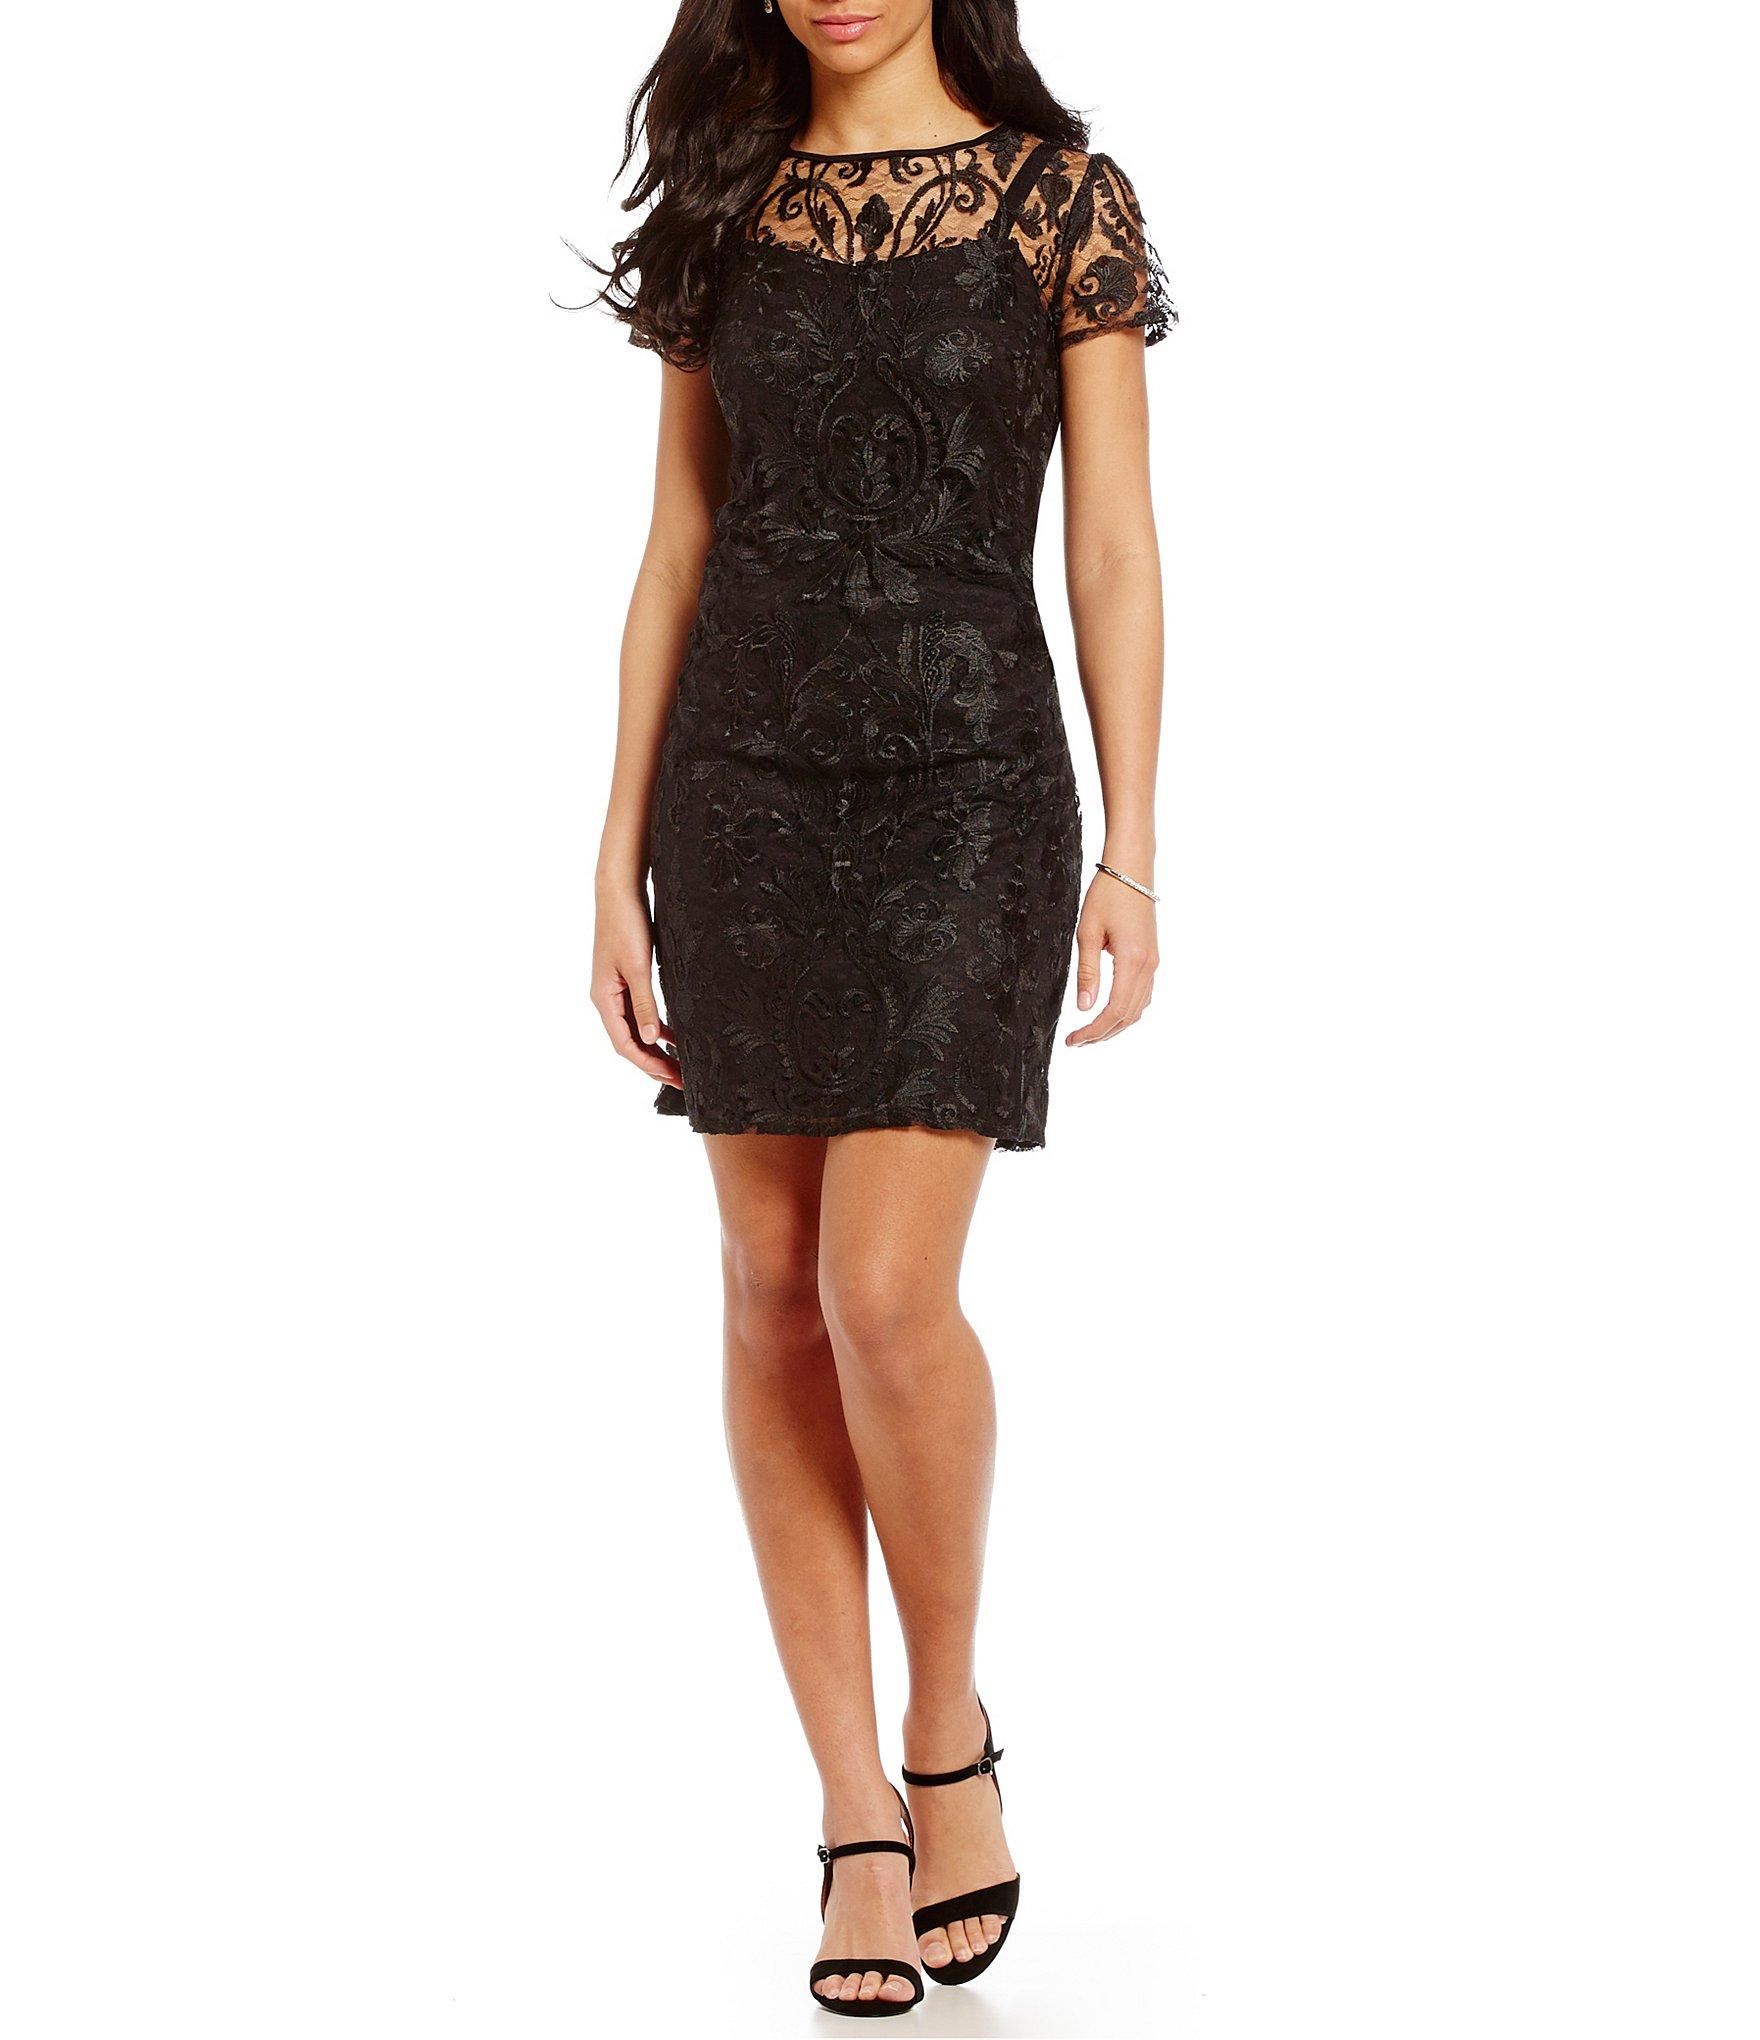 Black dress dillards northeast mall